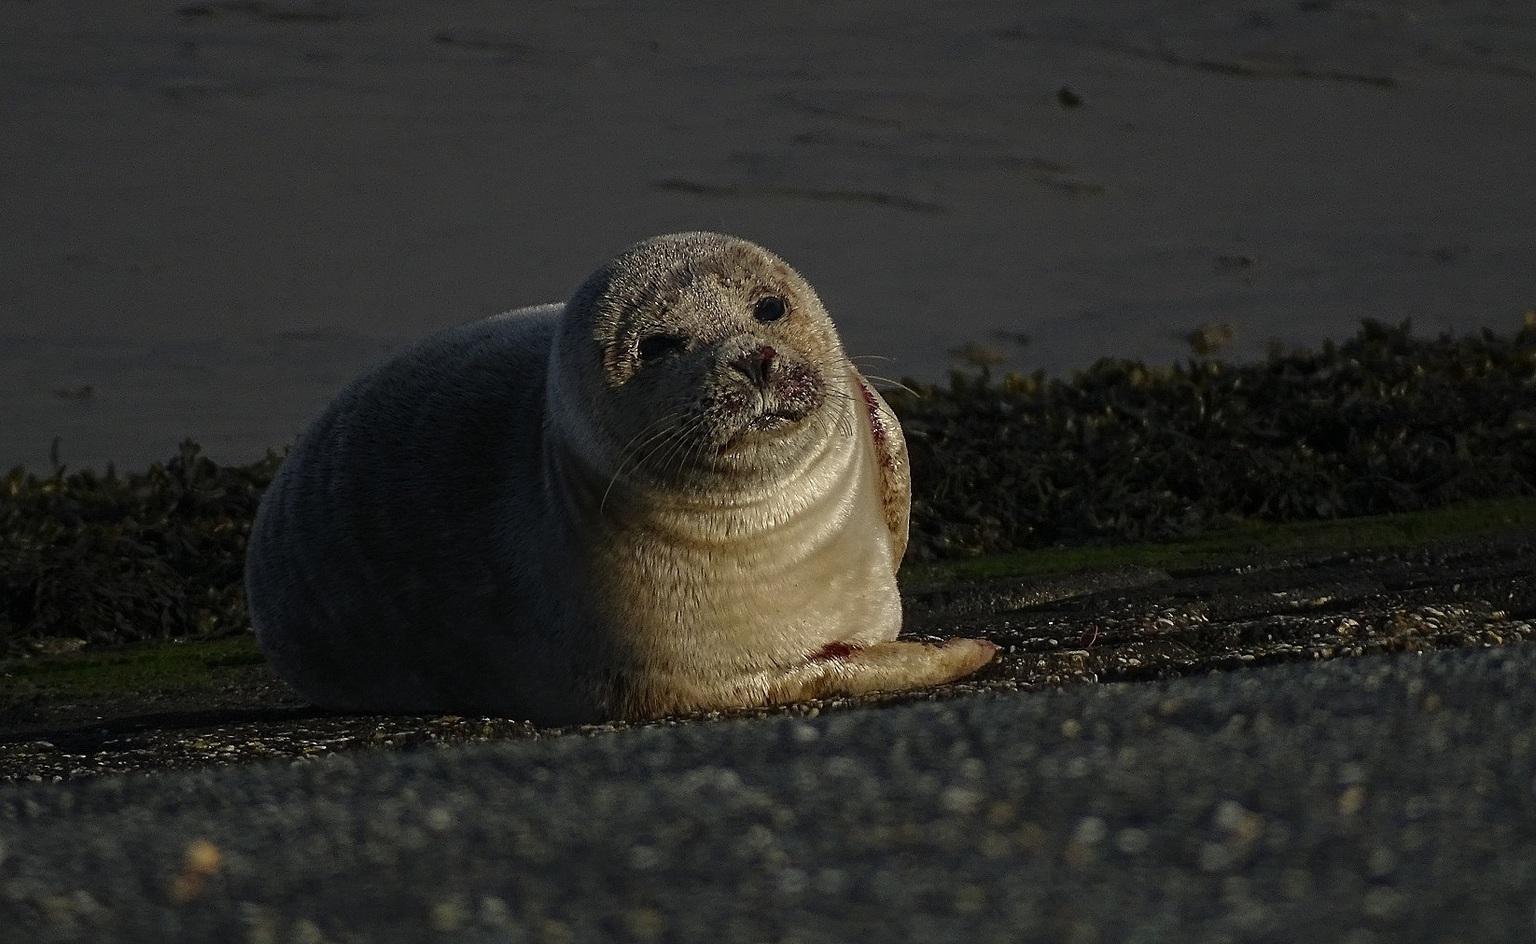 Aangespoeld - Gisteravond kwam ik deze zeehondje tegen. Lag te wachten op vloed, dan gaat hij wel weer de zee in. - foto door jan.pijper op 12-04-2021 - locatie: 9909 Spijk, Nederland - deze foto bevat: carnivoor, lichaam van water, earless zegel, terrestrische dieren, bakkebaarden, baltische grijze zeehond, water, zegel, snuit, strand